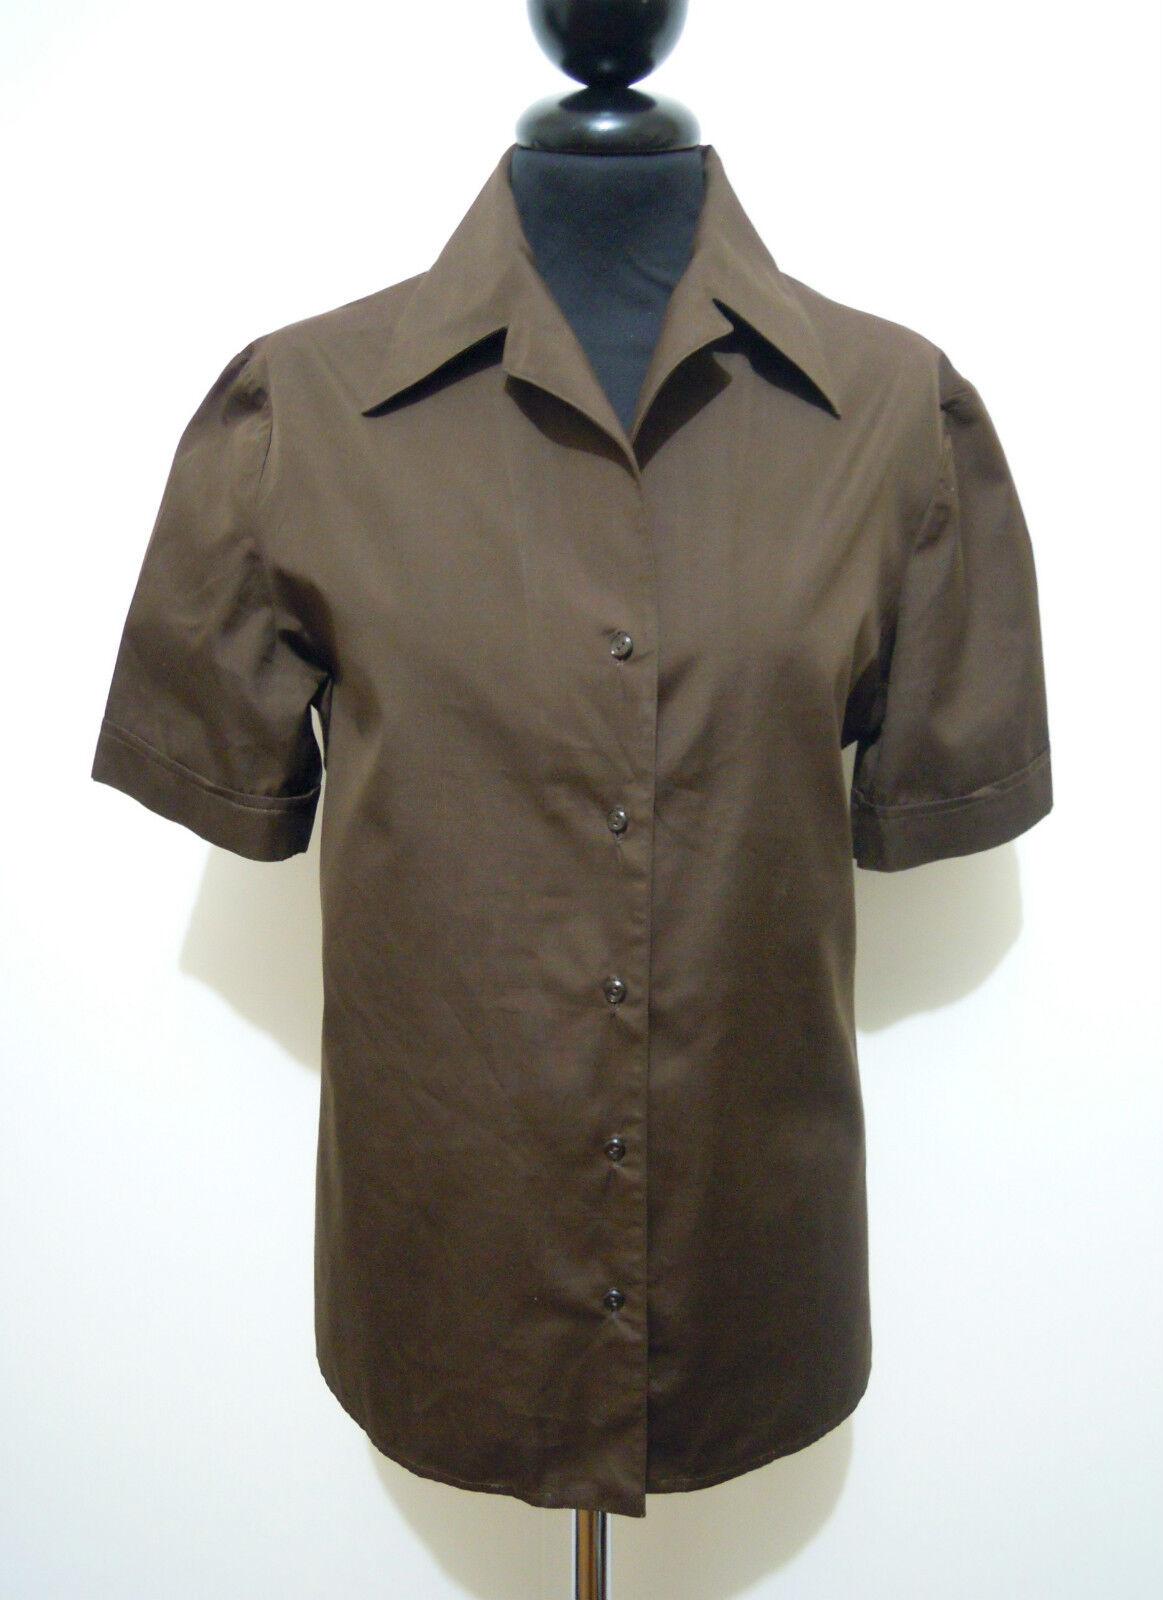 EMILIO PUCCI VINTAGE '70 Camicia damen Cotone Cotton Woman Shirt Sz.M - 44